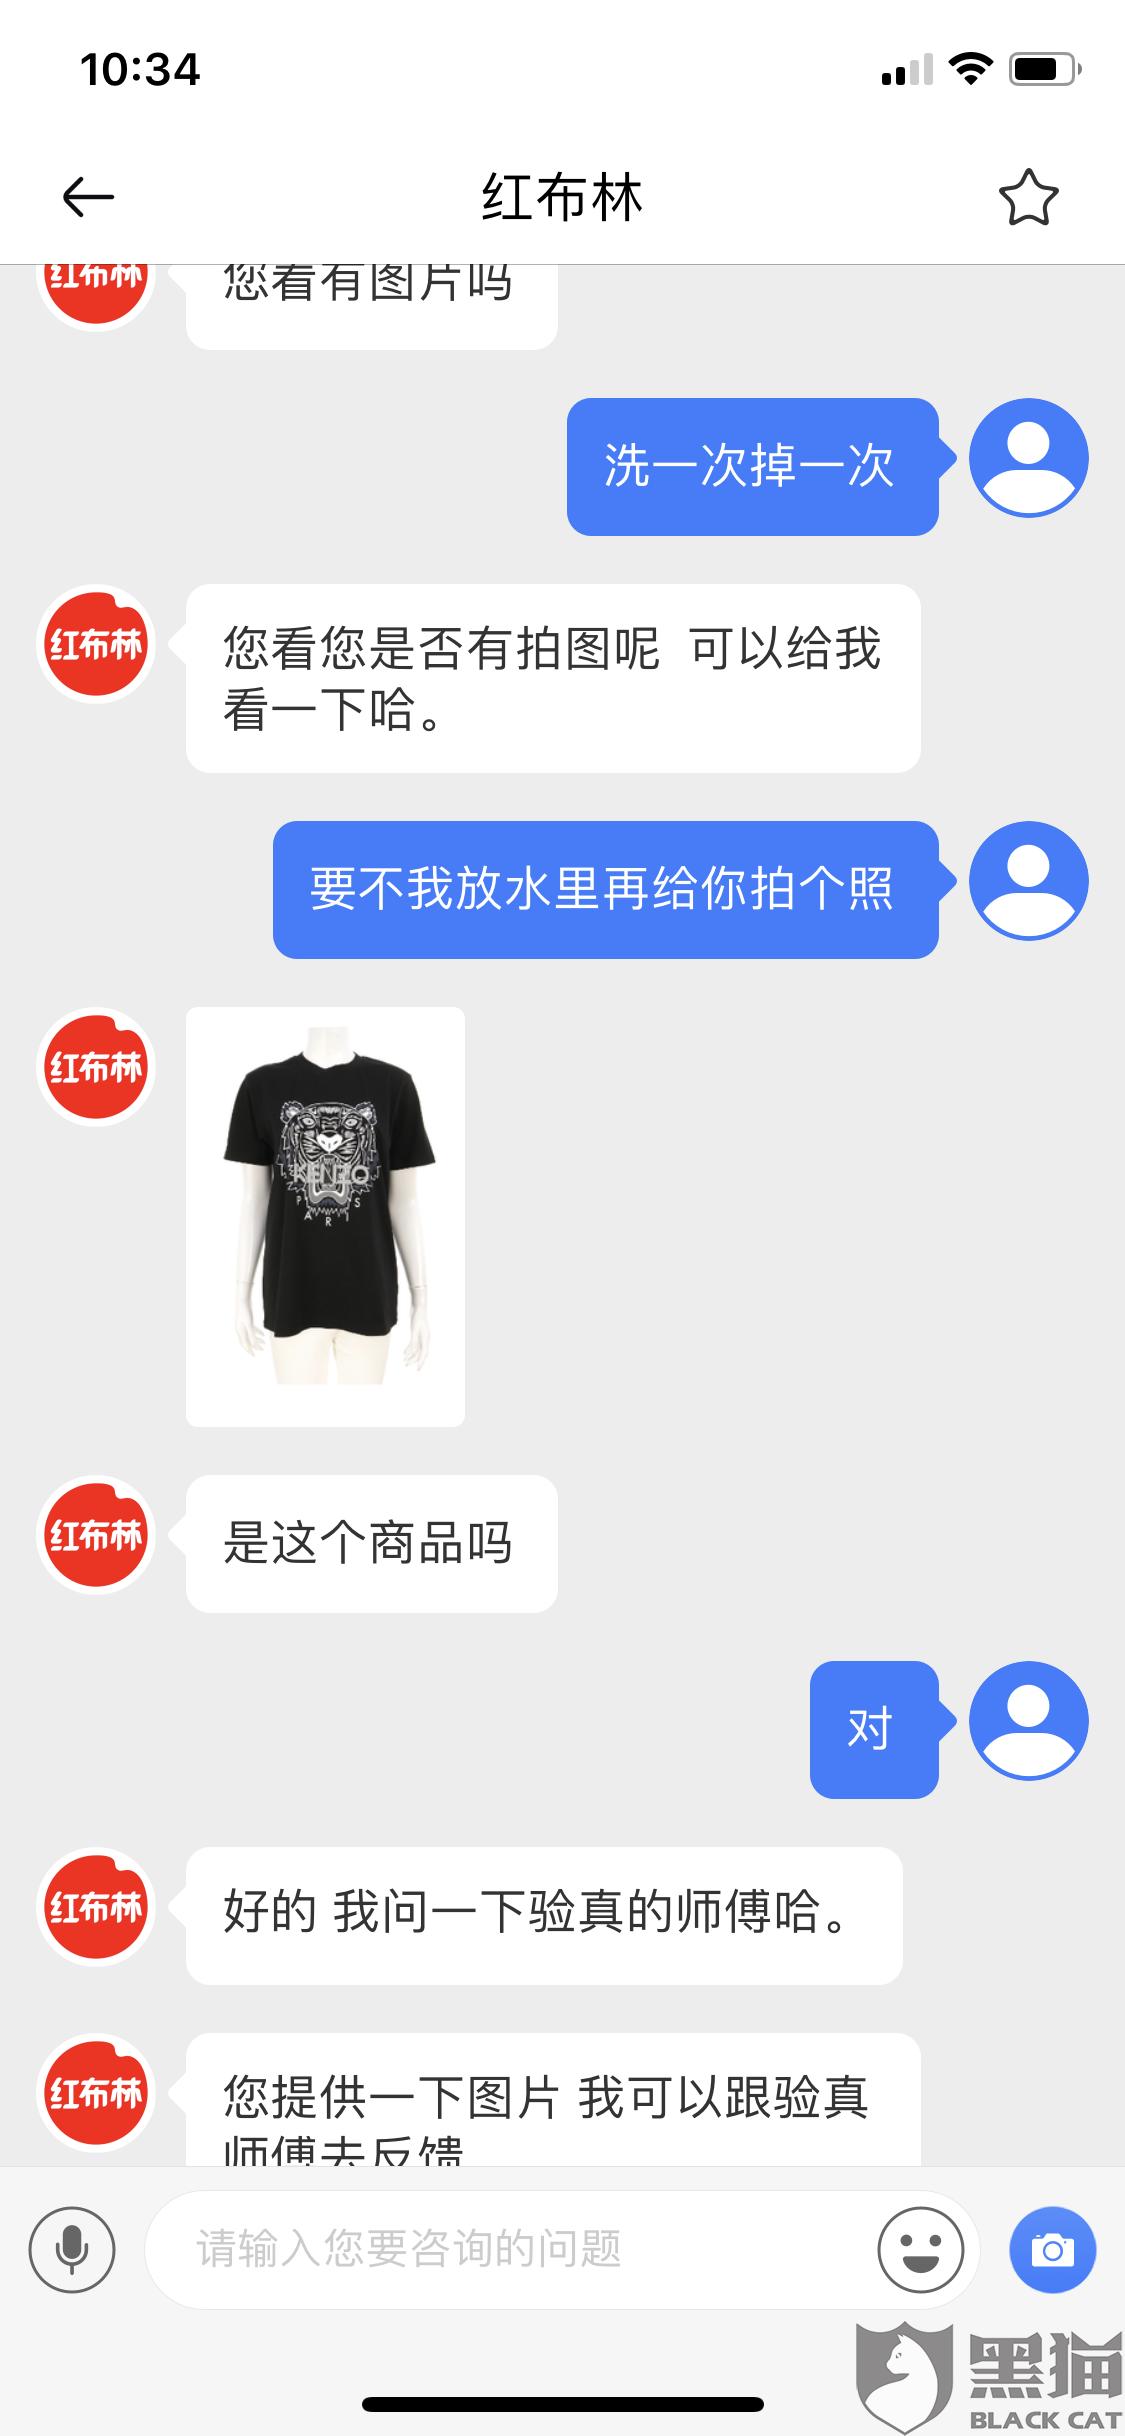 黑猫投诉:红布林卖的品牌kenzo严重掉色说是正常现象 不给处理